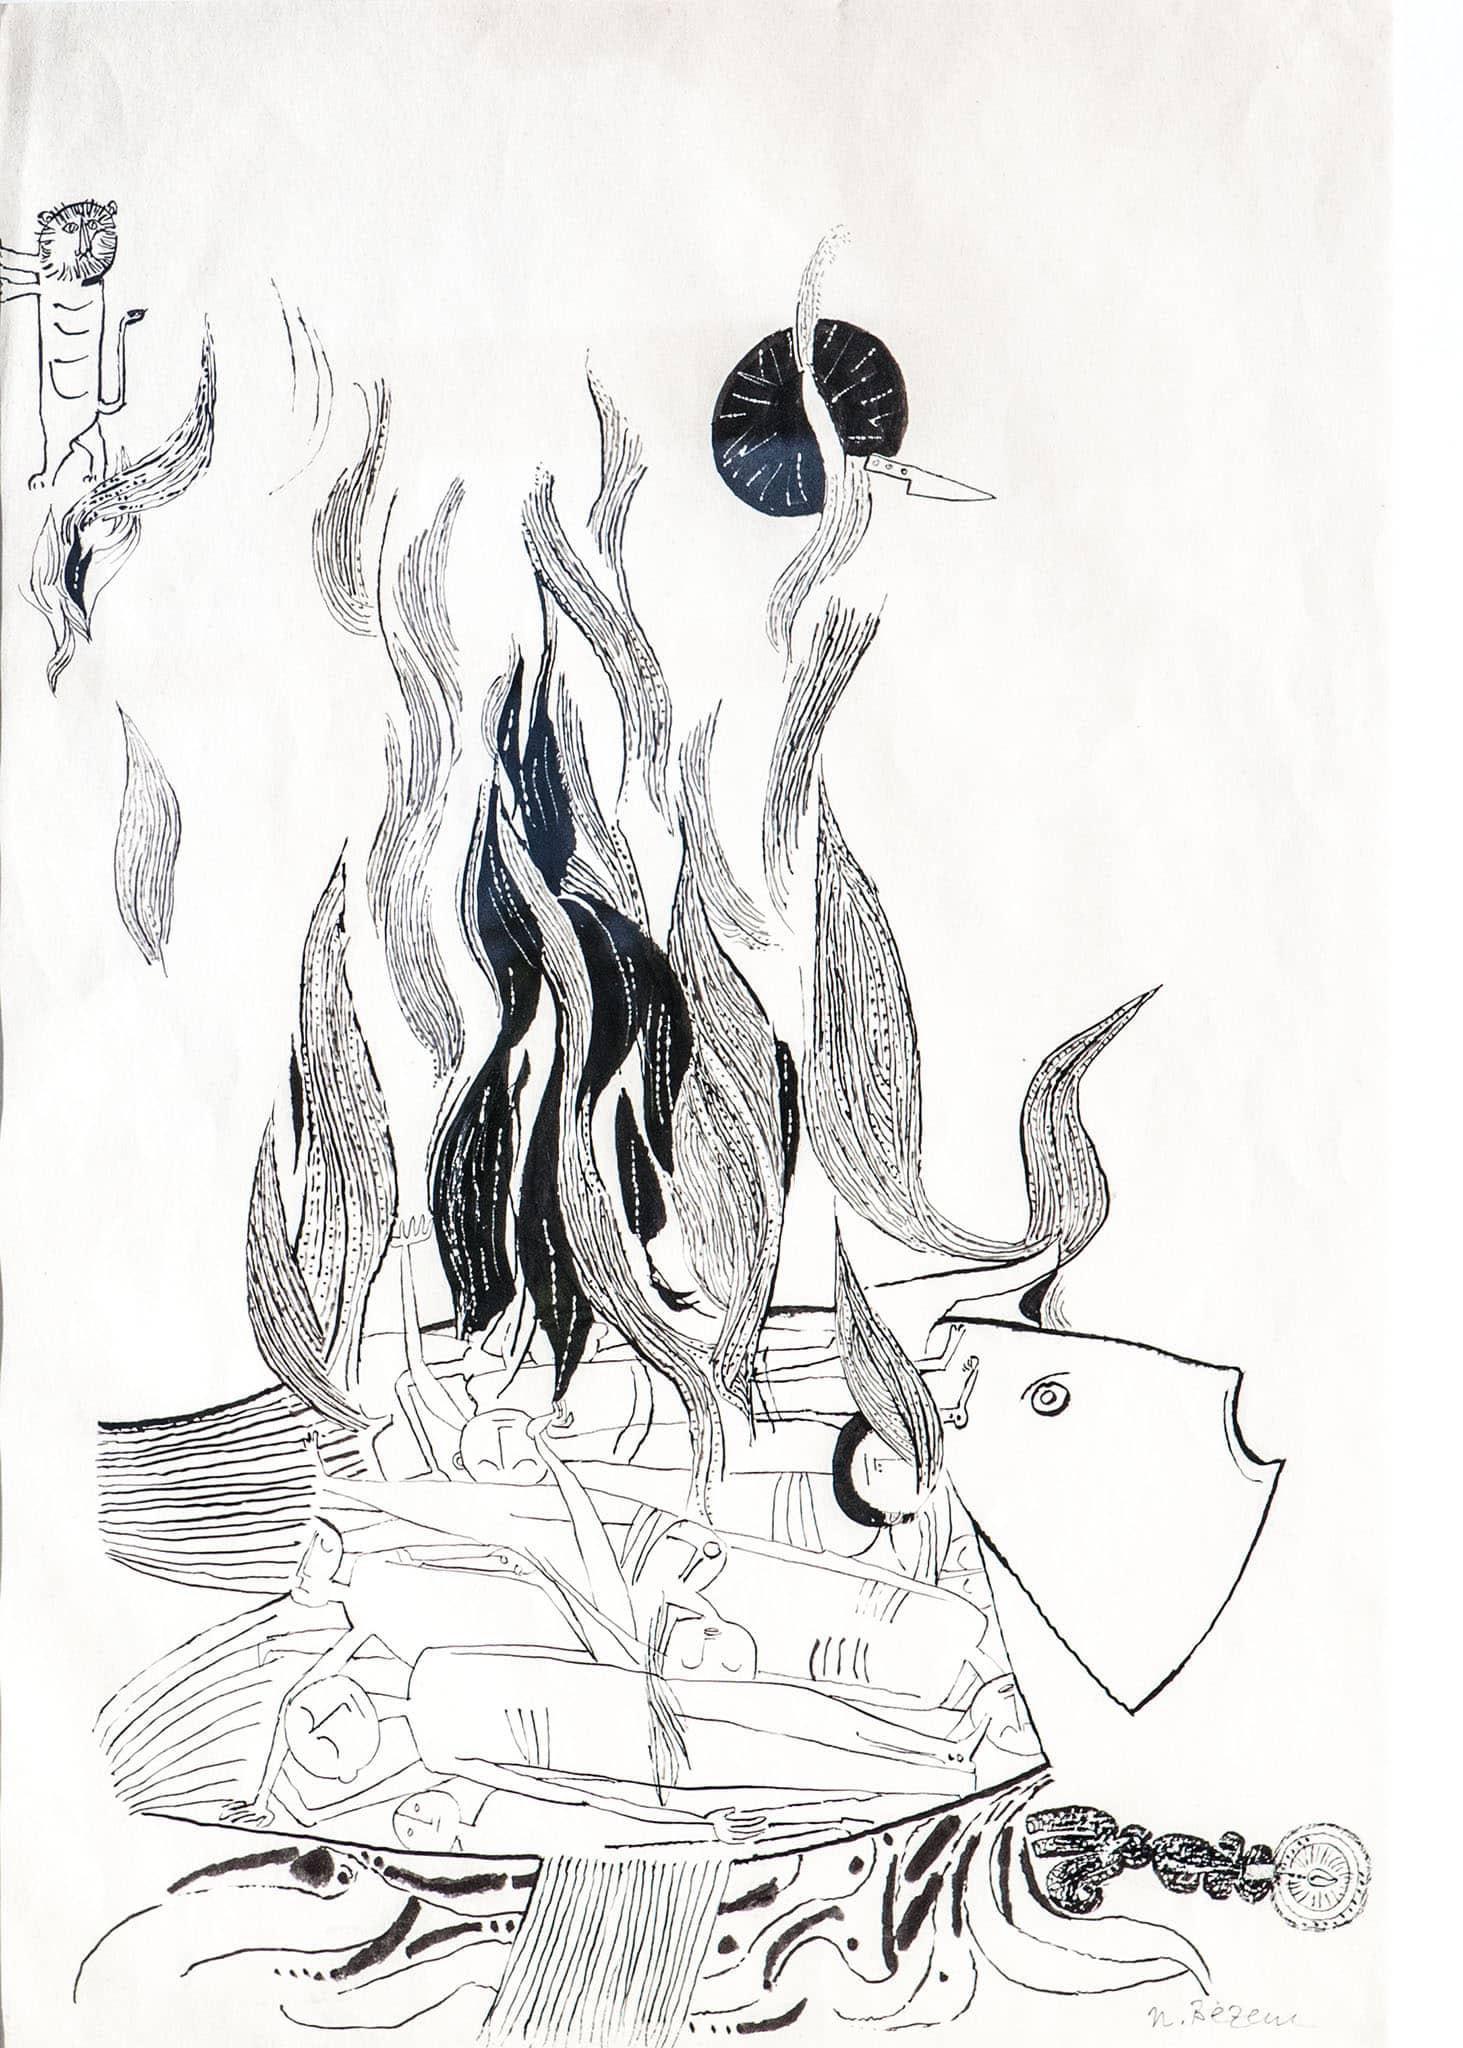 """נפצלי בזם, """"קורבן"""", דיו יפני על נייר, 50x70 ס""""מ"""